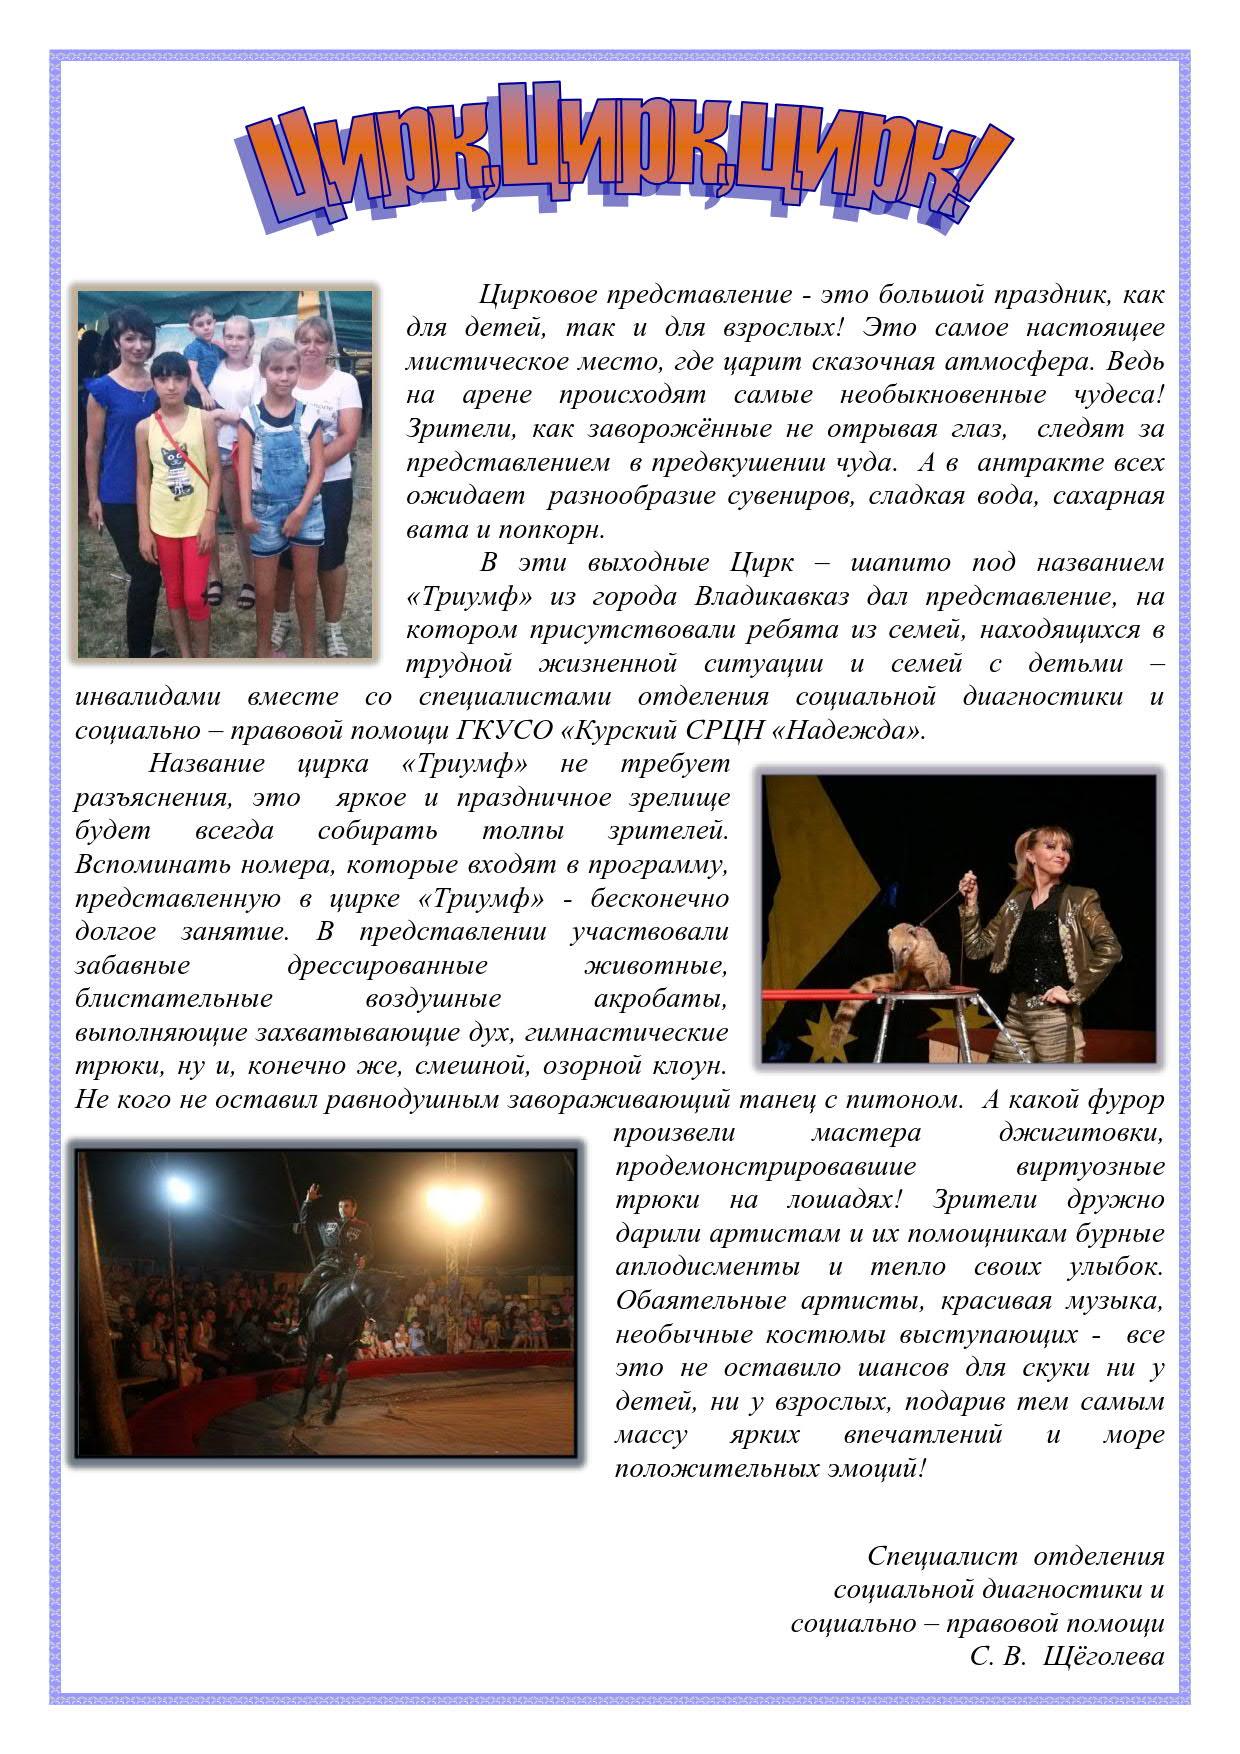 статья цирк_1